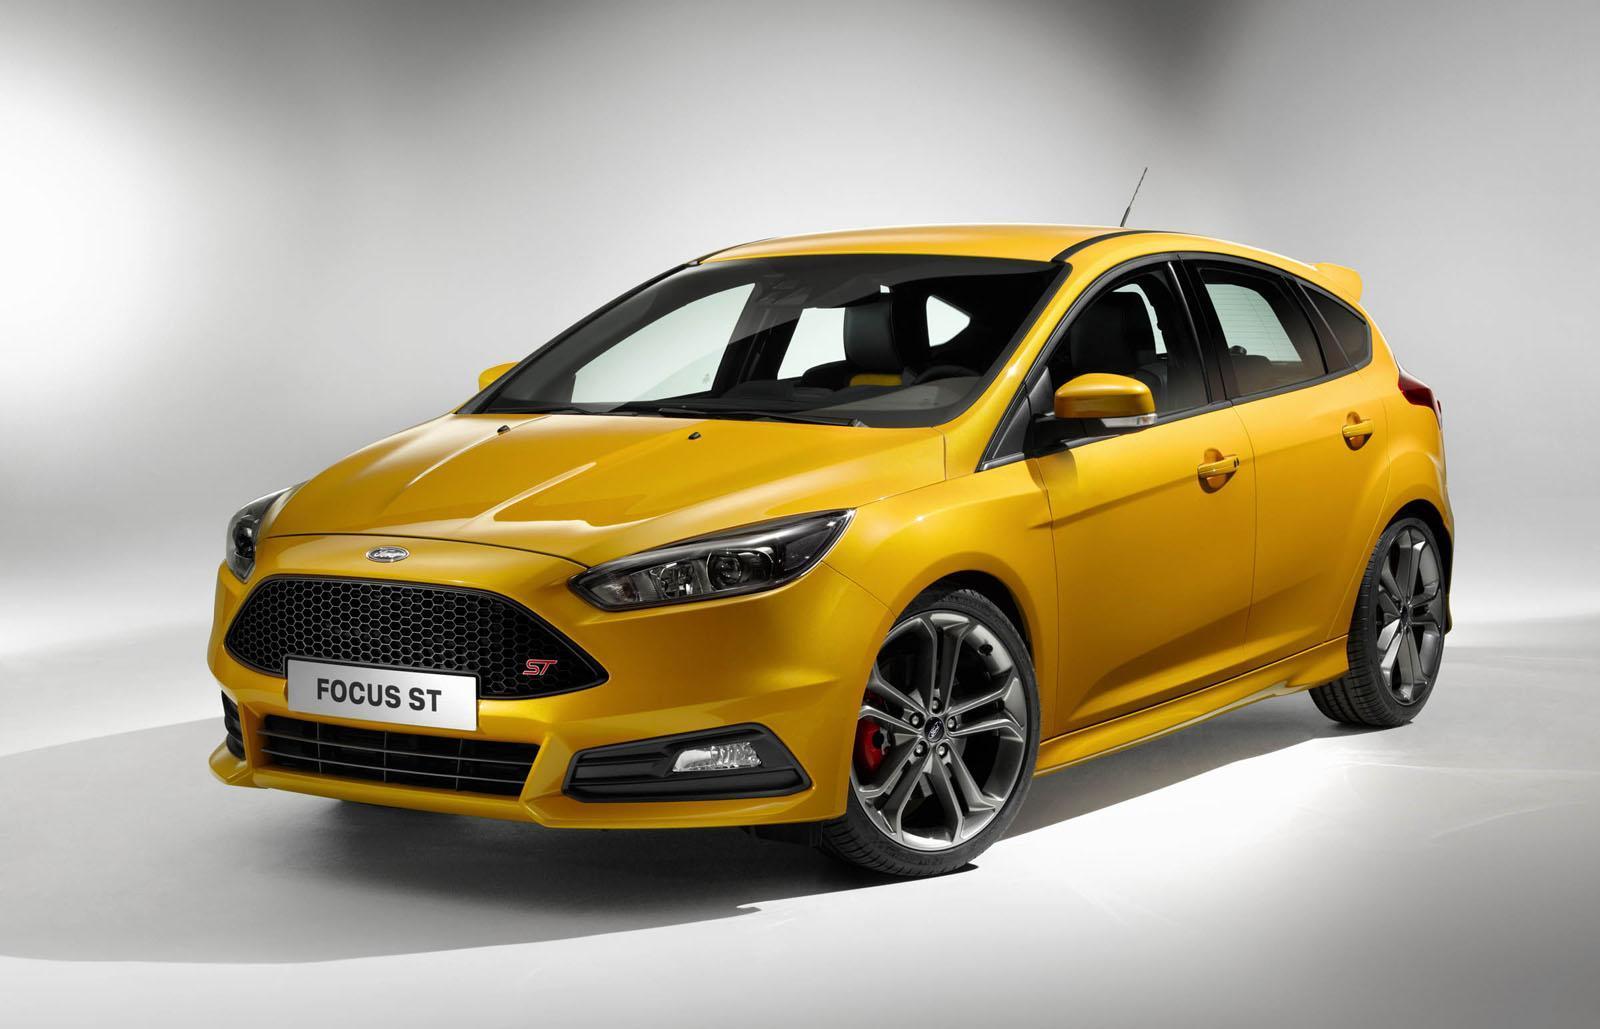 ford представил обновленную версию focus st